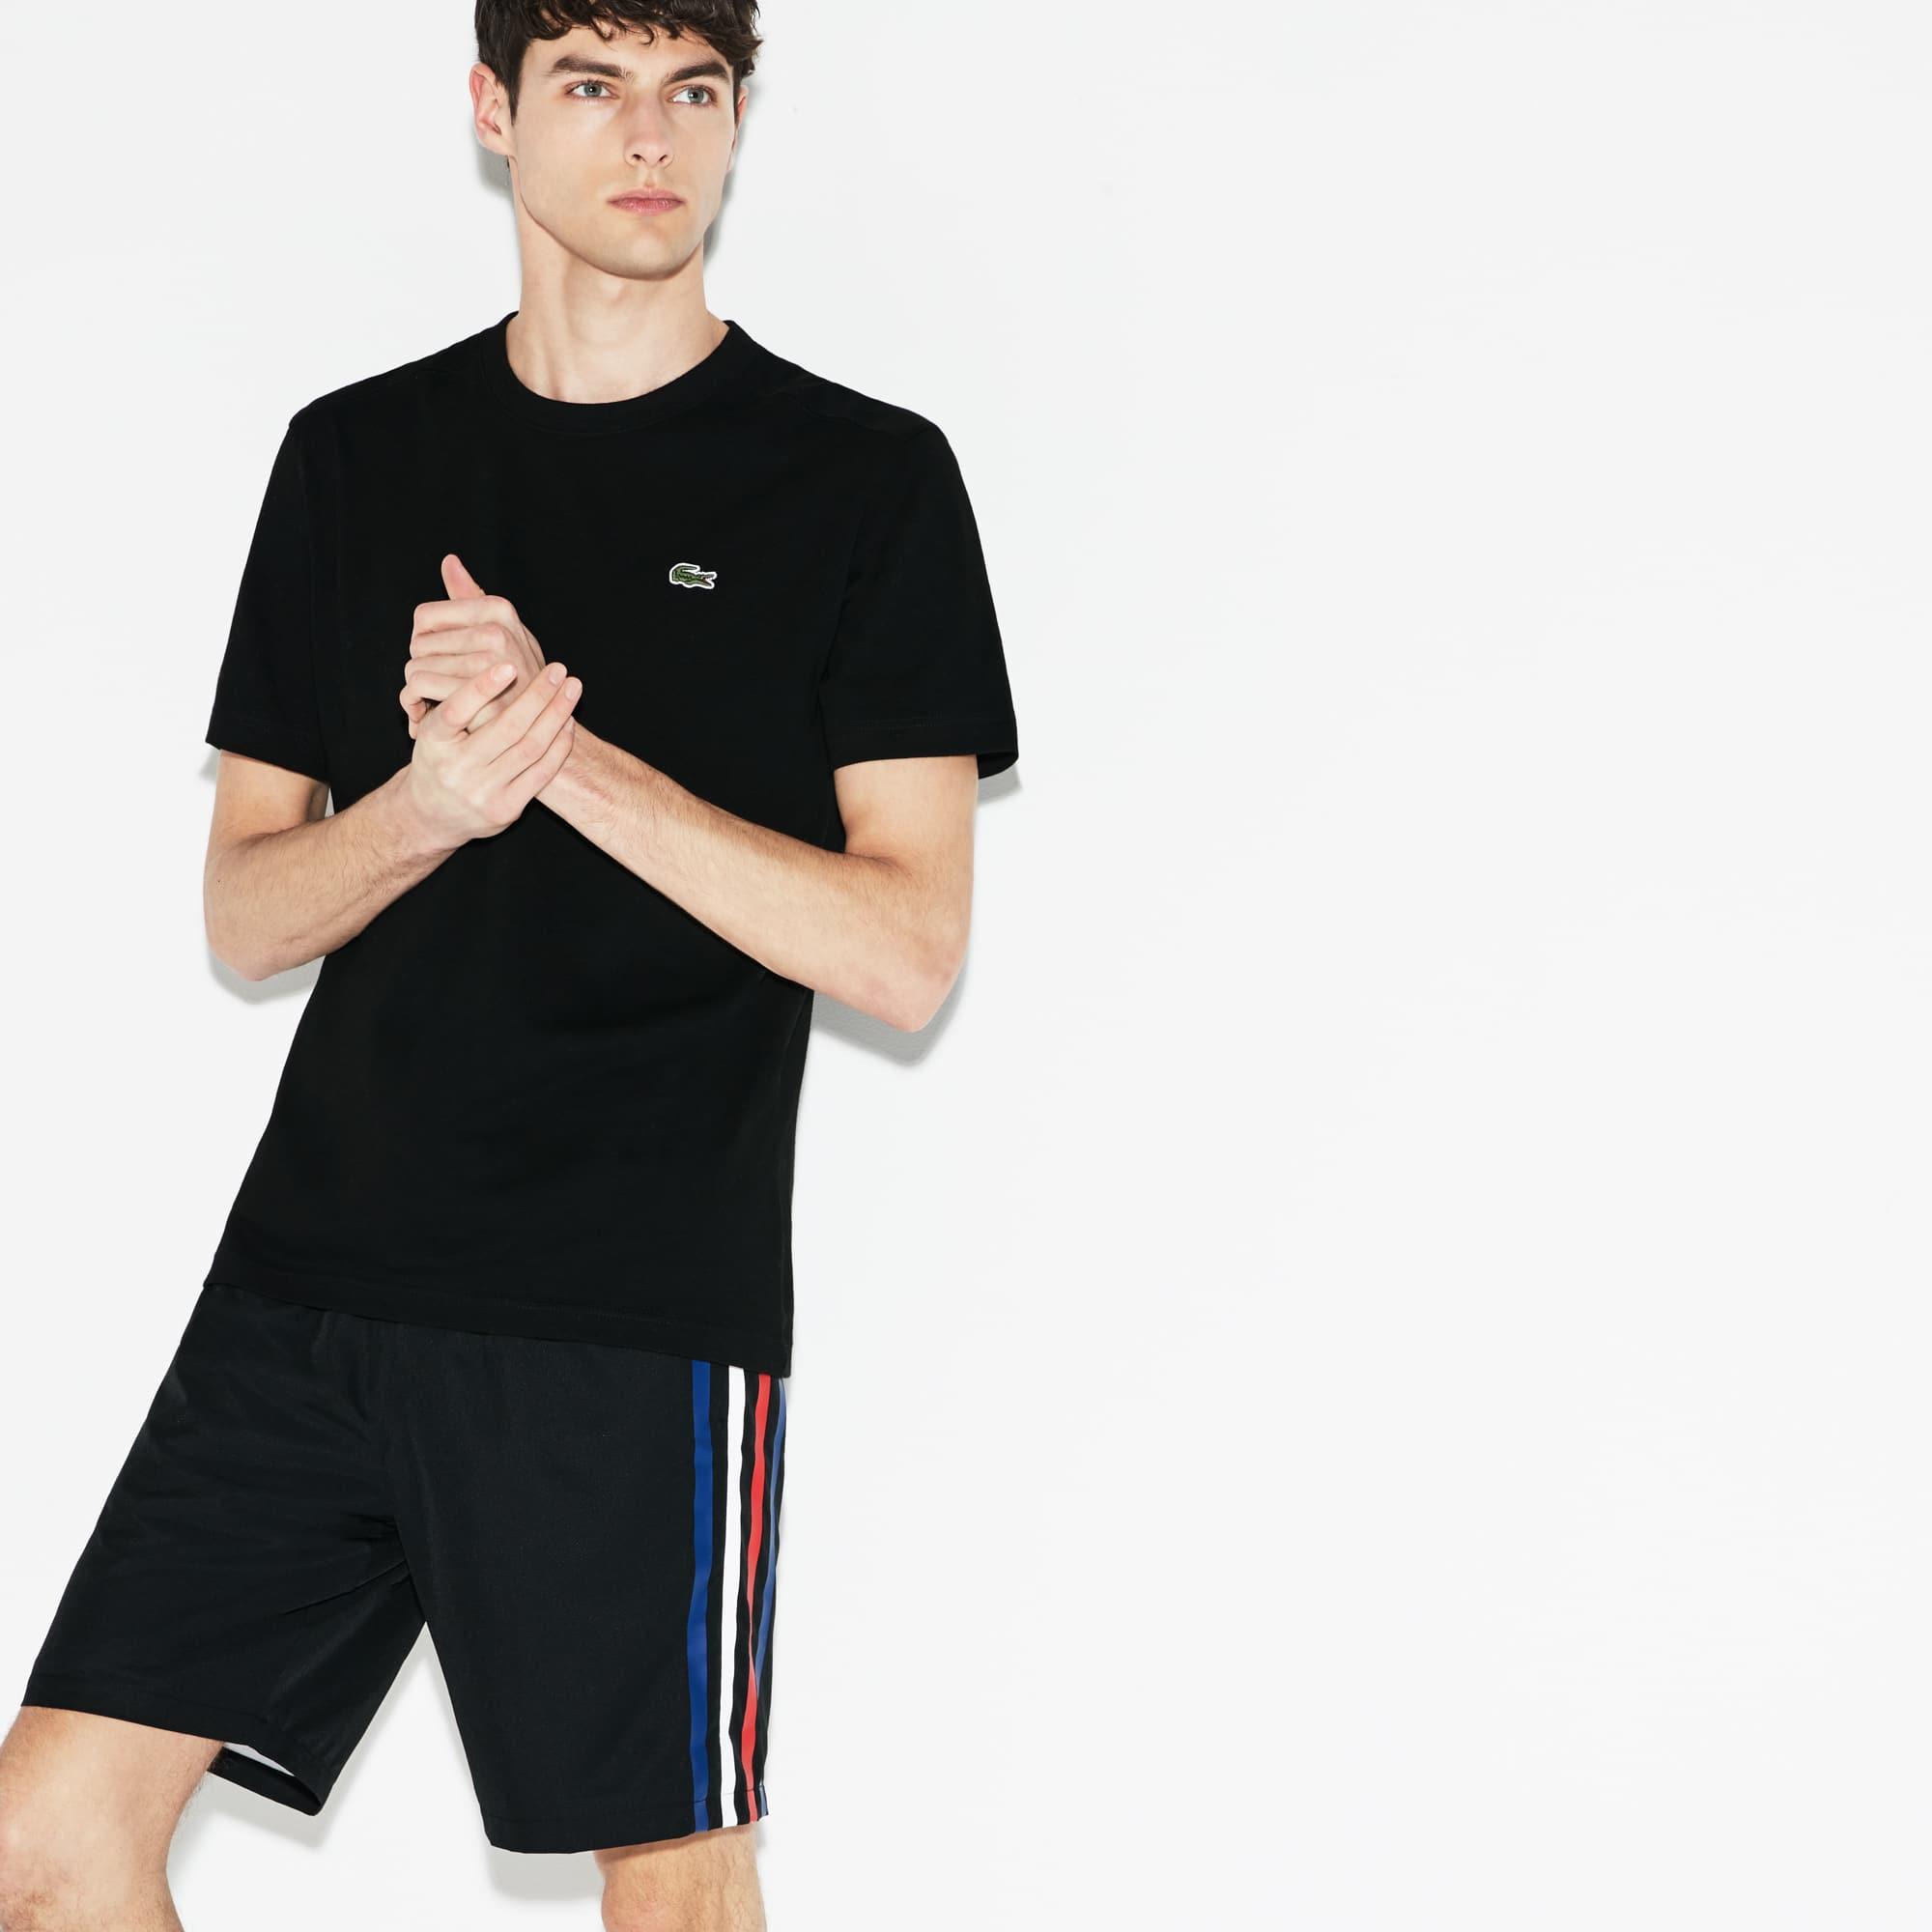 Herren LACOSTE SPORT Taft-Shorts mit Farbstreifen